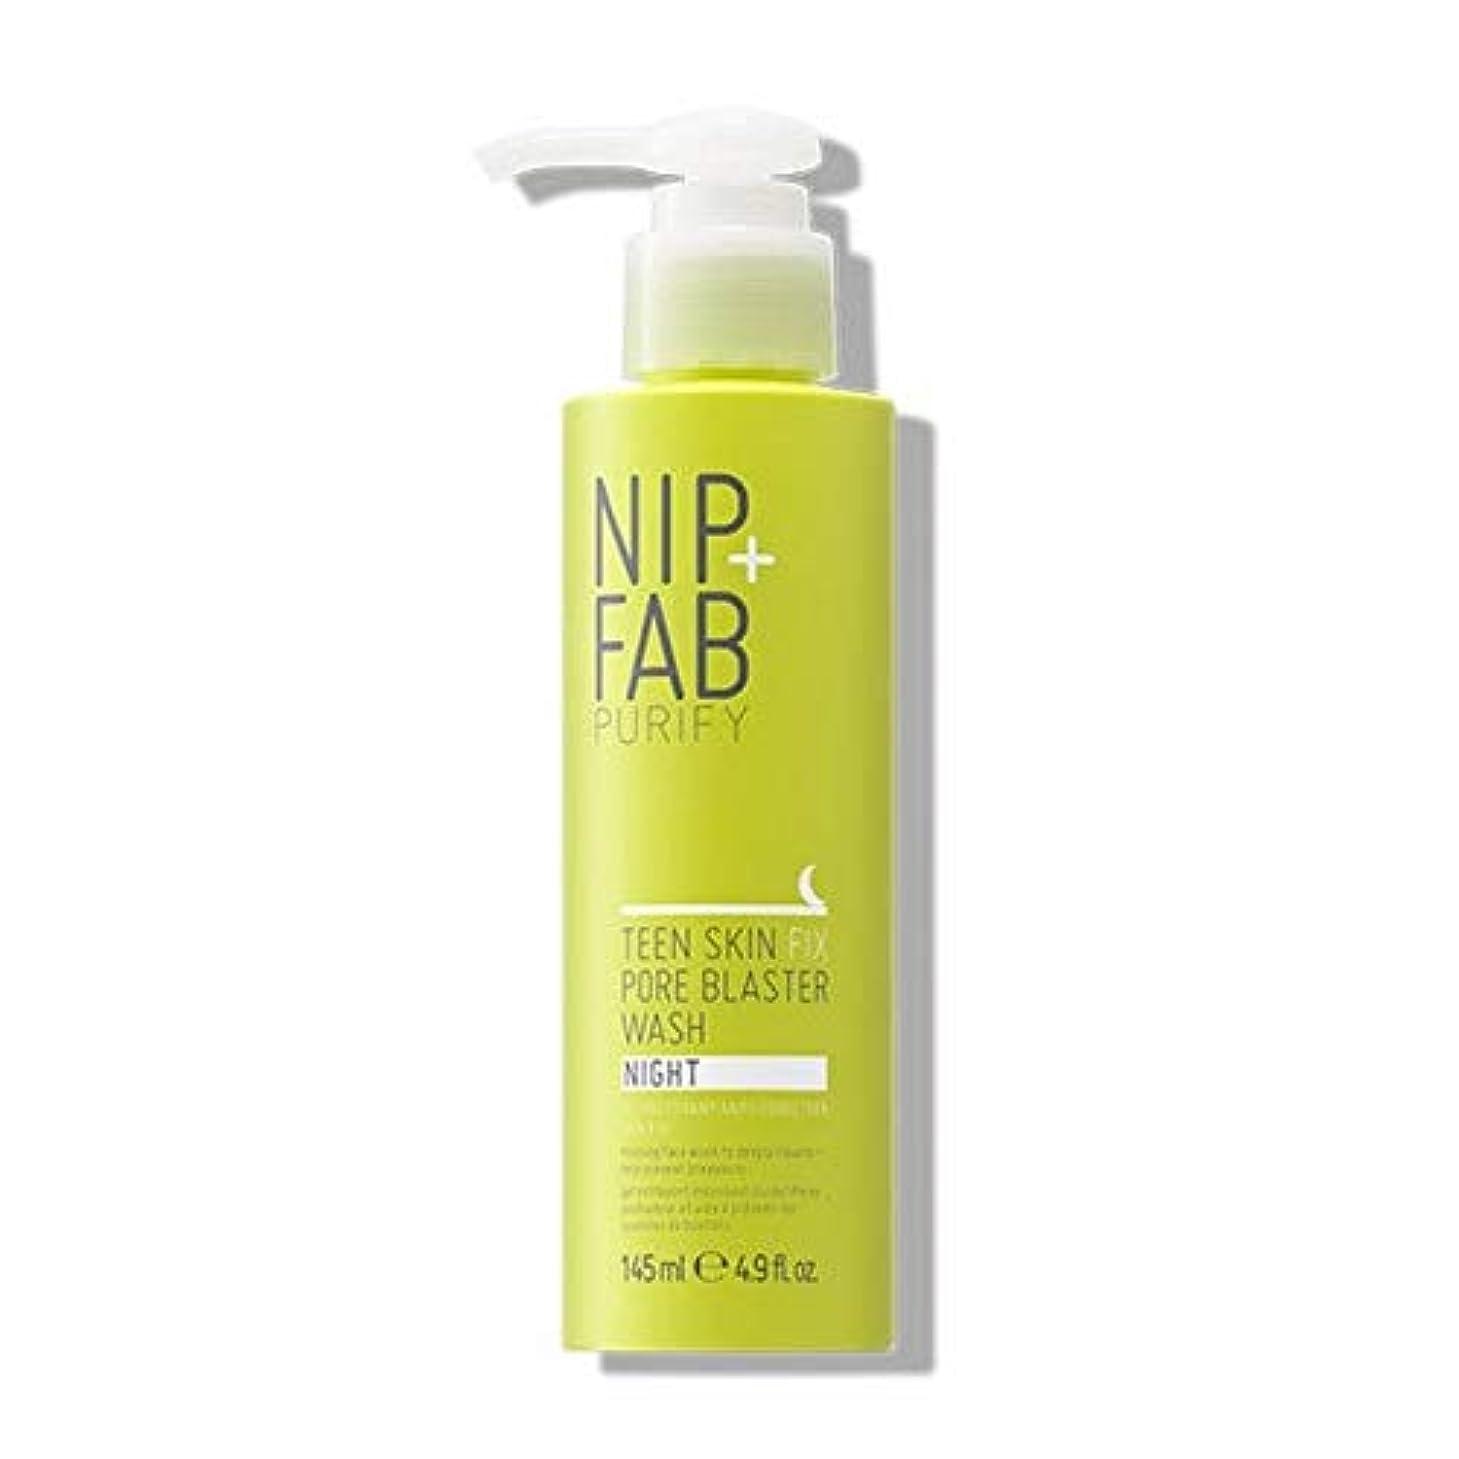 同意乱すペースト[Nip & Fab ] + Fab十代の肌の修正細孔ブラスターゼリーウォッシュ夜ニップ - Nip+Fab Teen Skin Fix Pore Blaster Jelly Wash Night [並行輸入品]